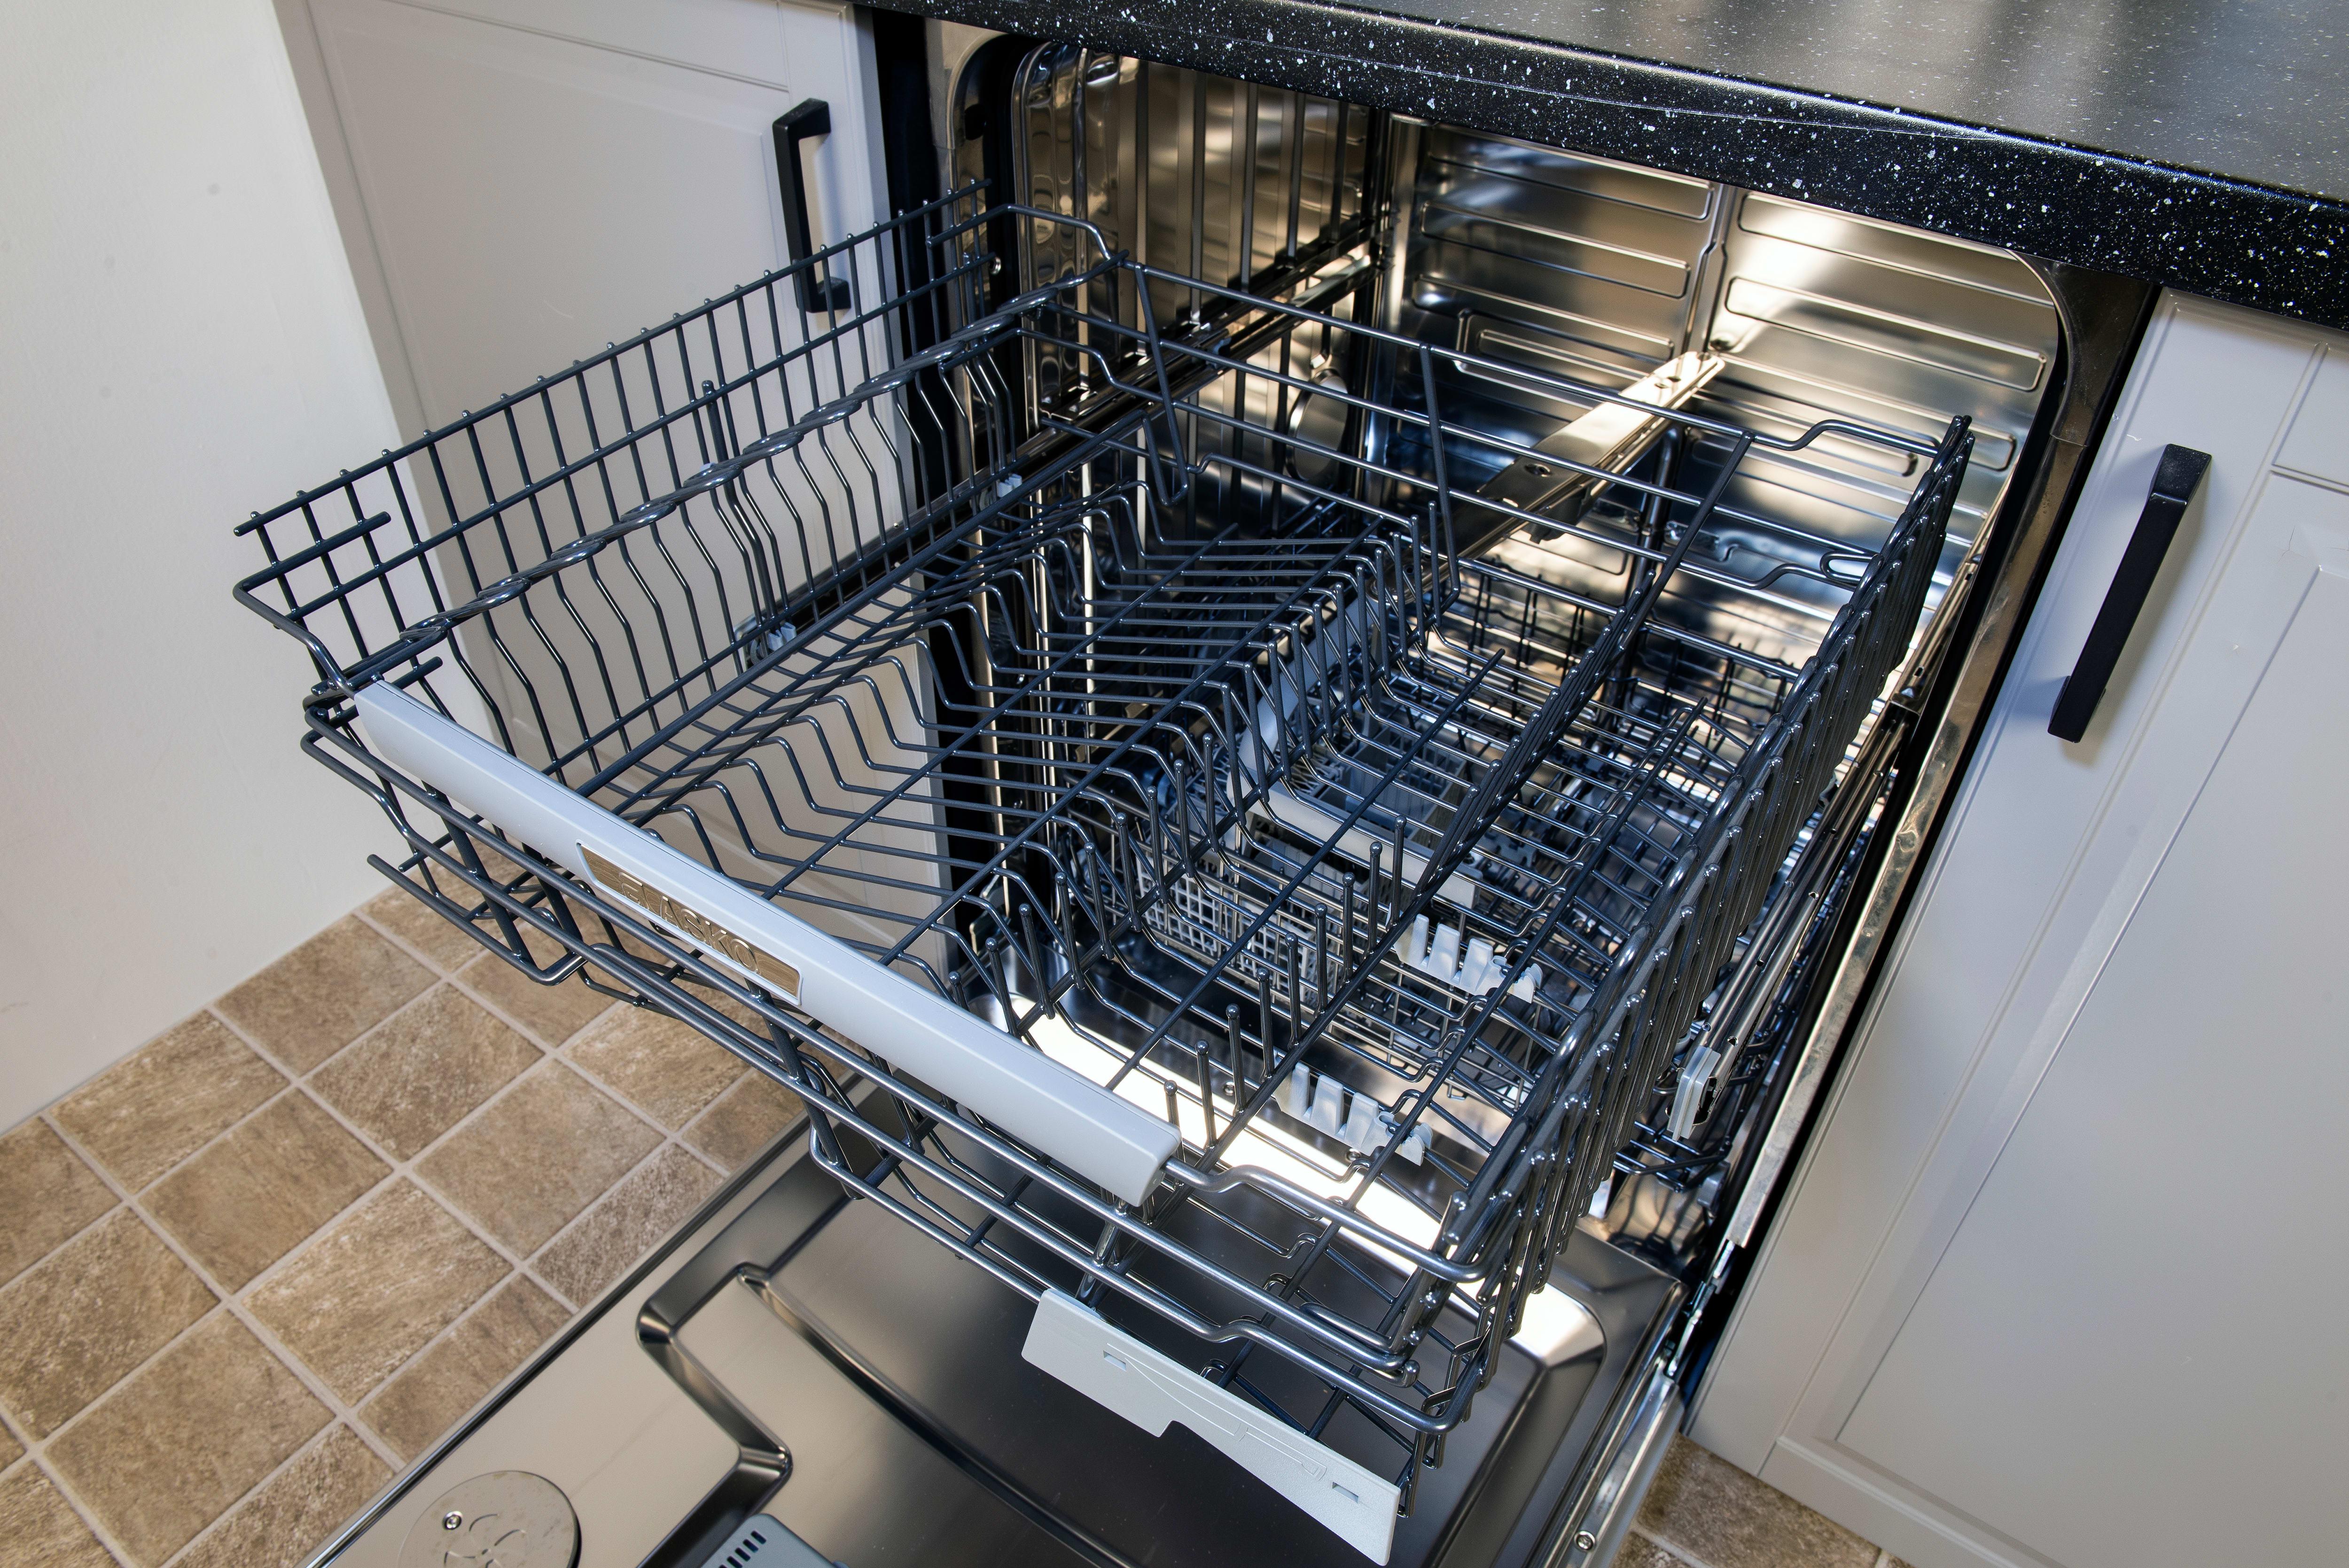 Asko D5534XXLFI empty top rack